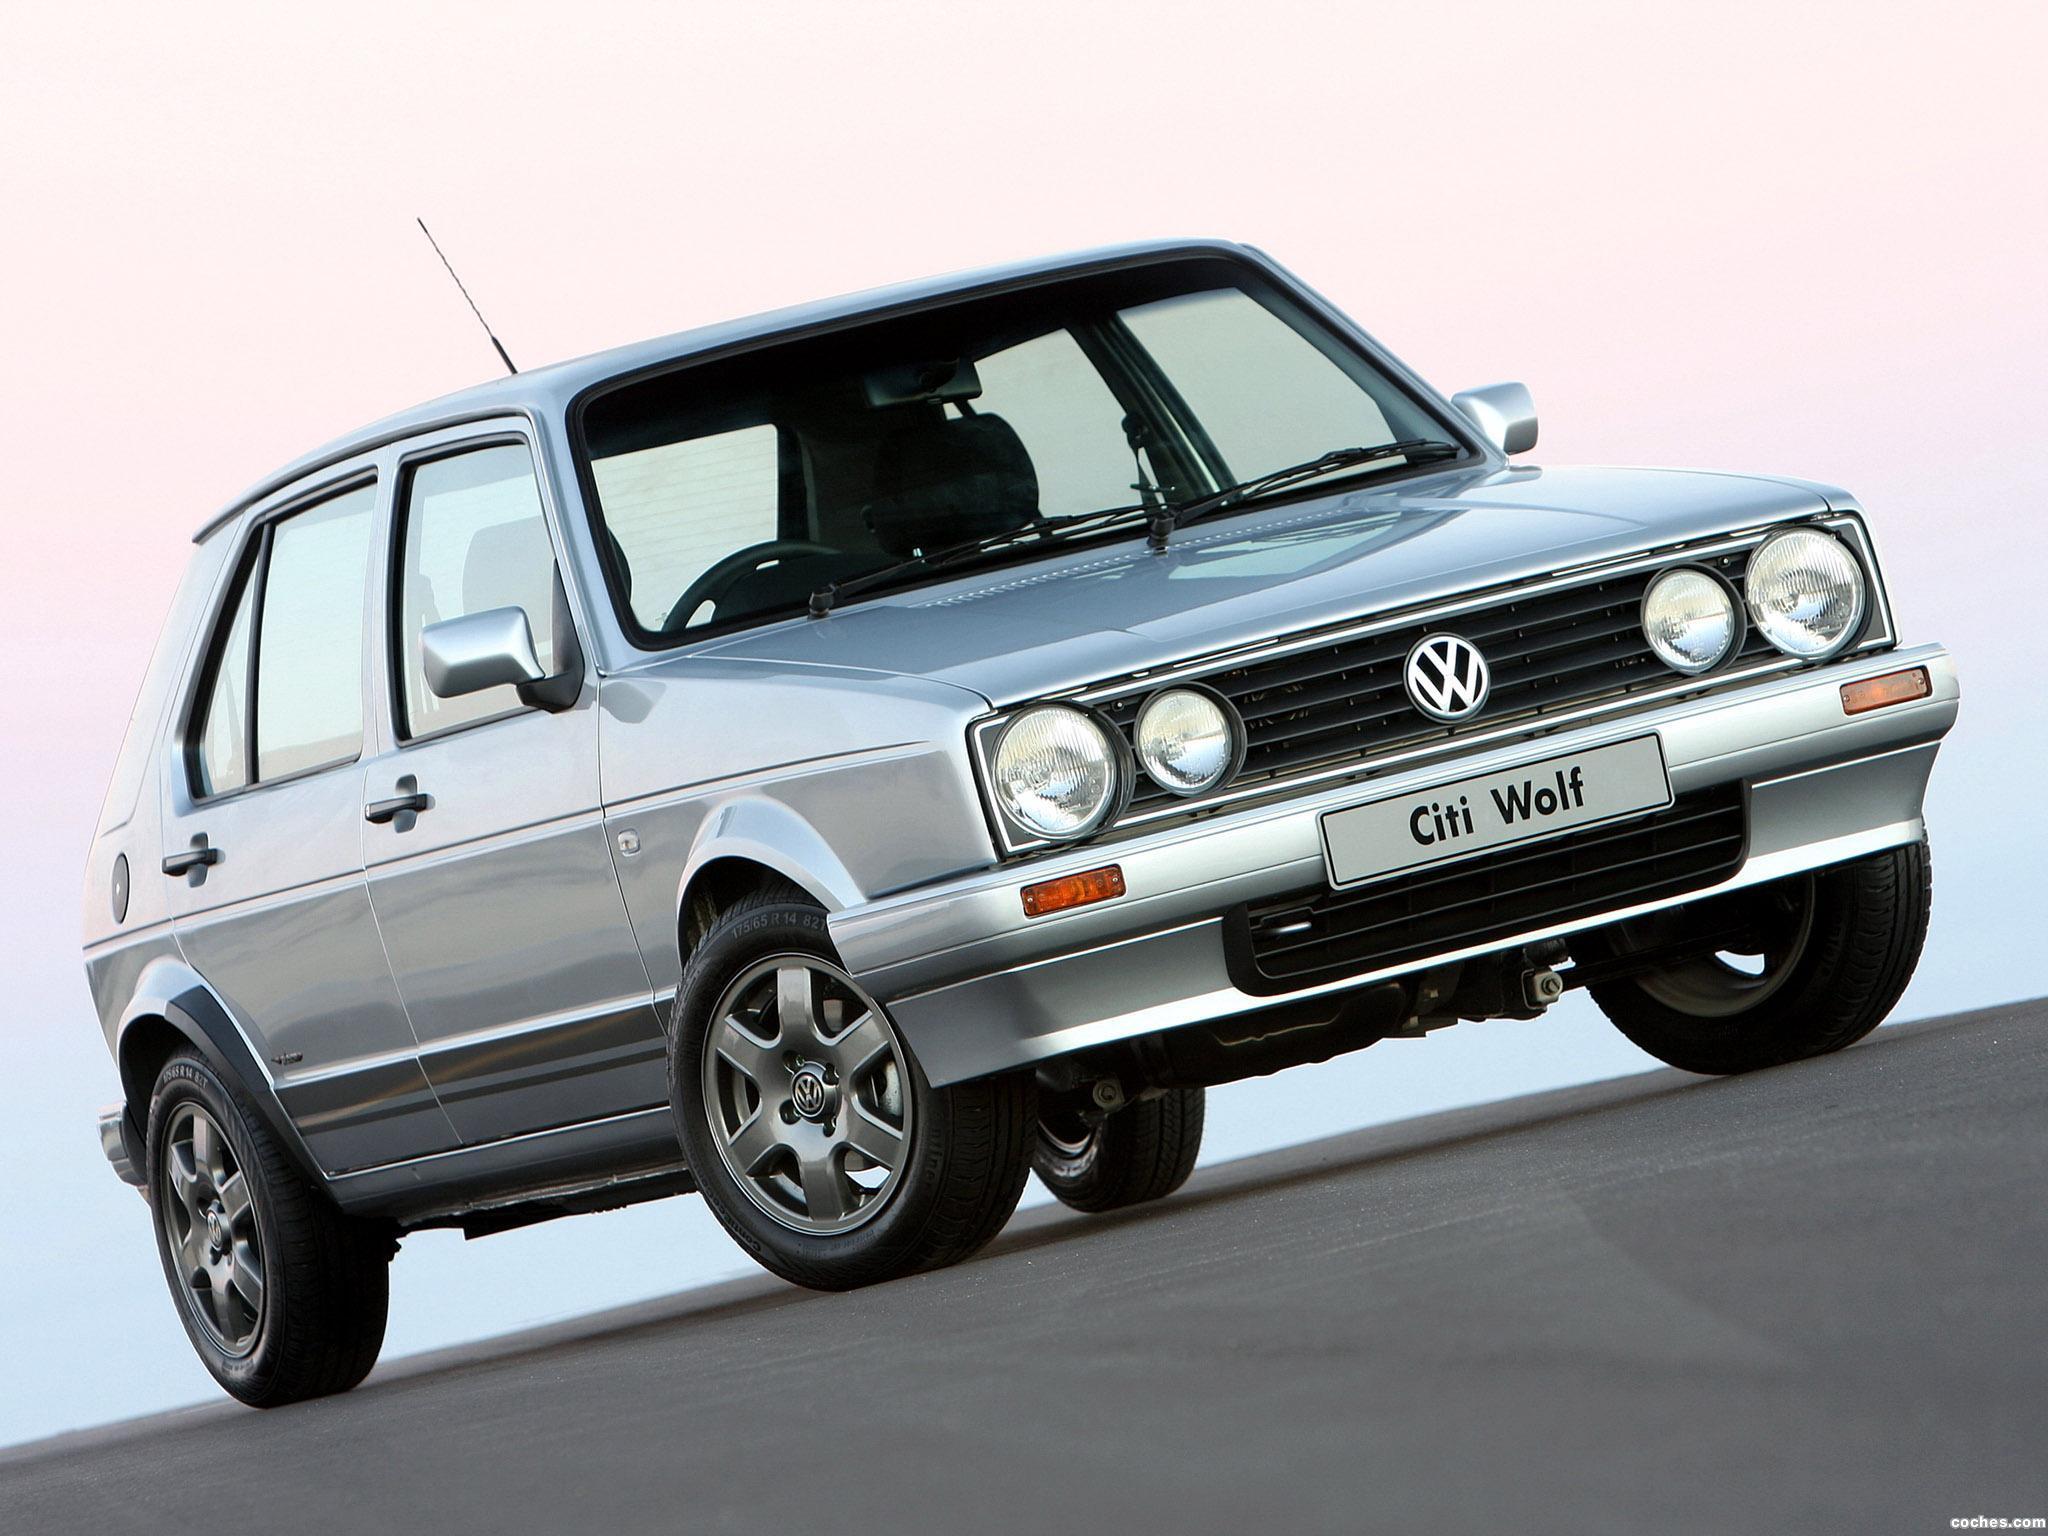 Foto 0 de Volkswagen Citi Wolf 2008